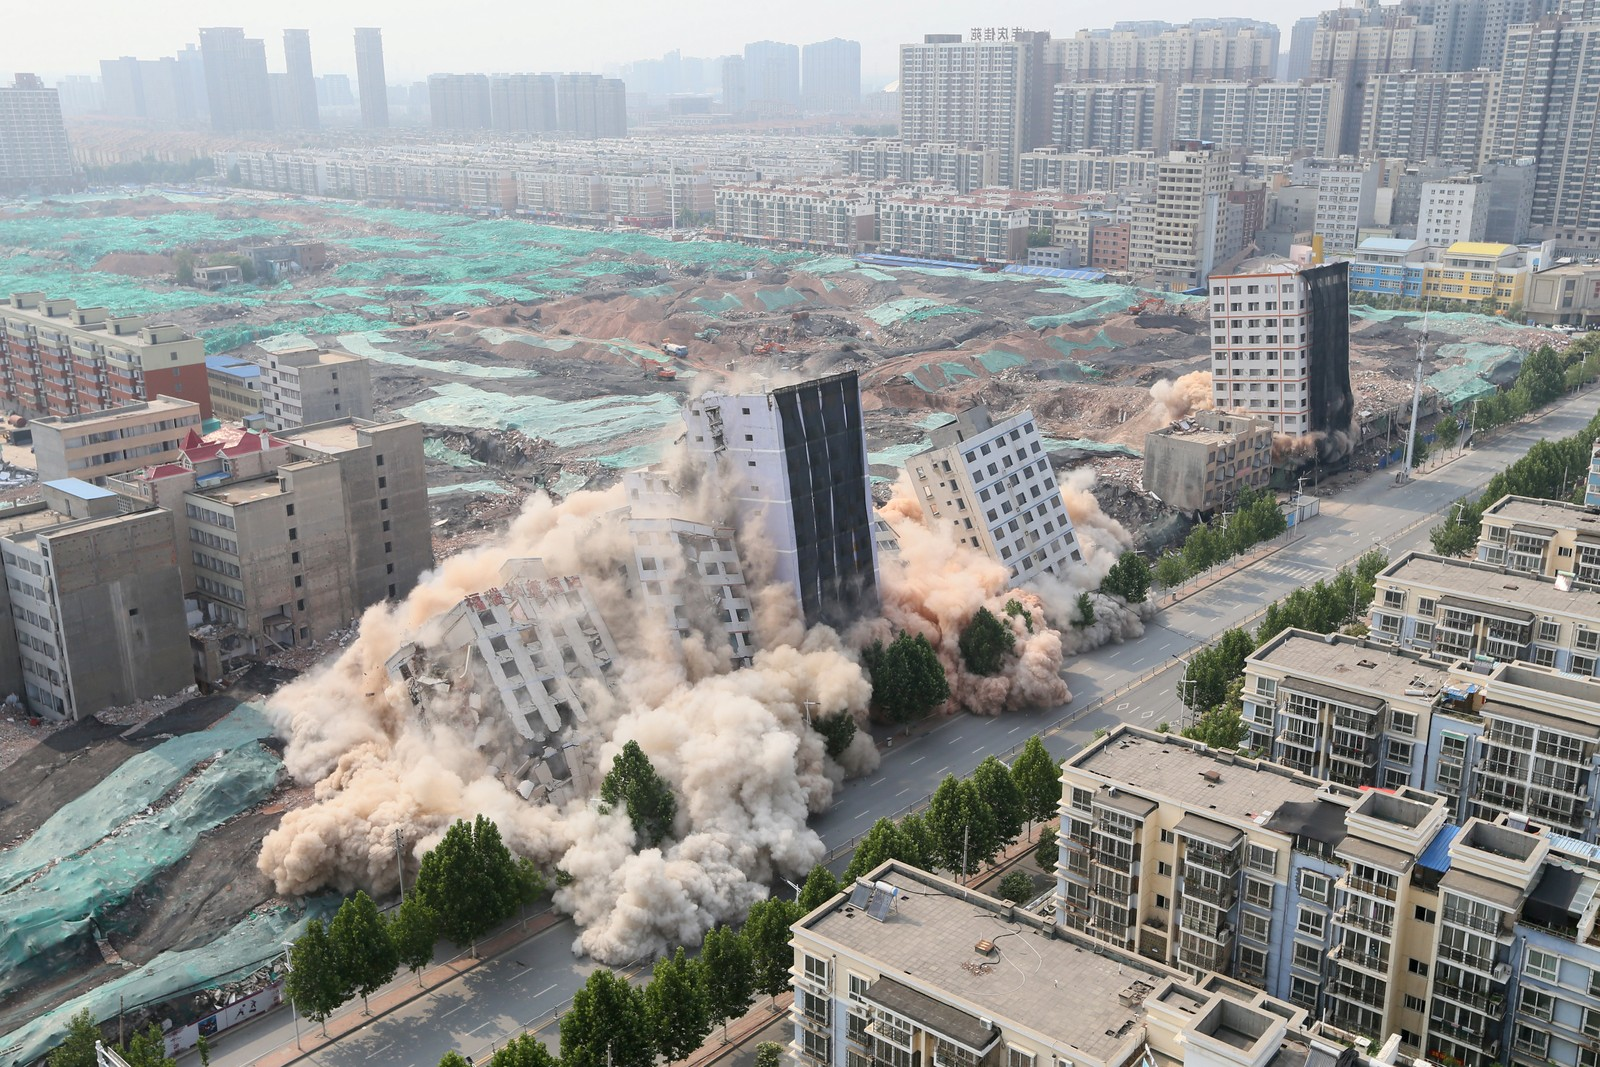 Gamle bygninger må falle før nye skal bygges opp i Zhengzhou. Byen er hovedstaden i Henan-provinsen og er pekt ut til å bli et knutepunkt for handel mellom øst og vest.